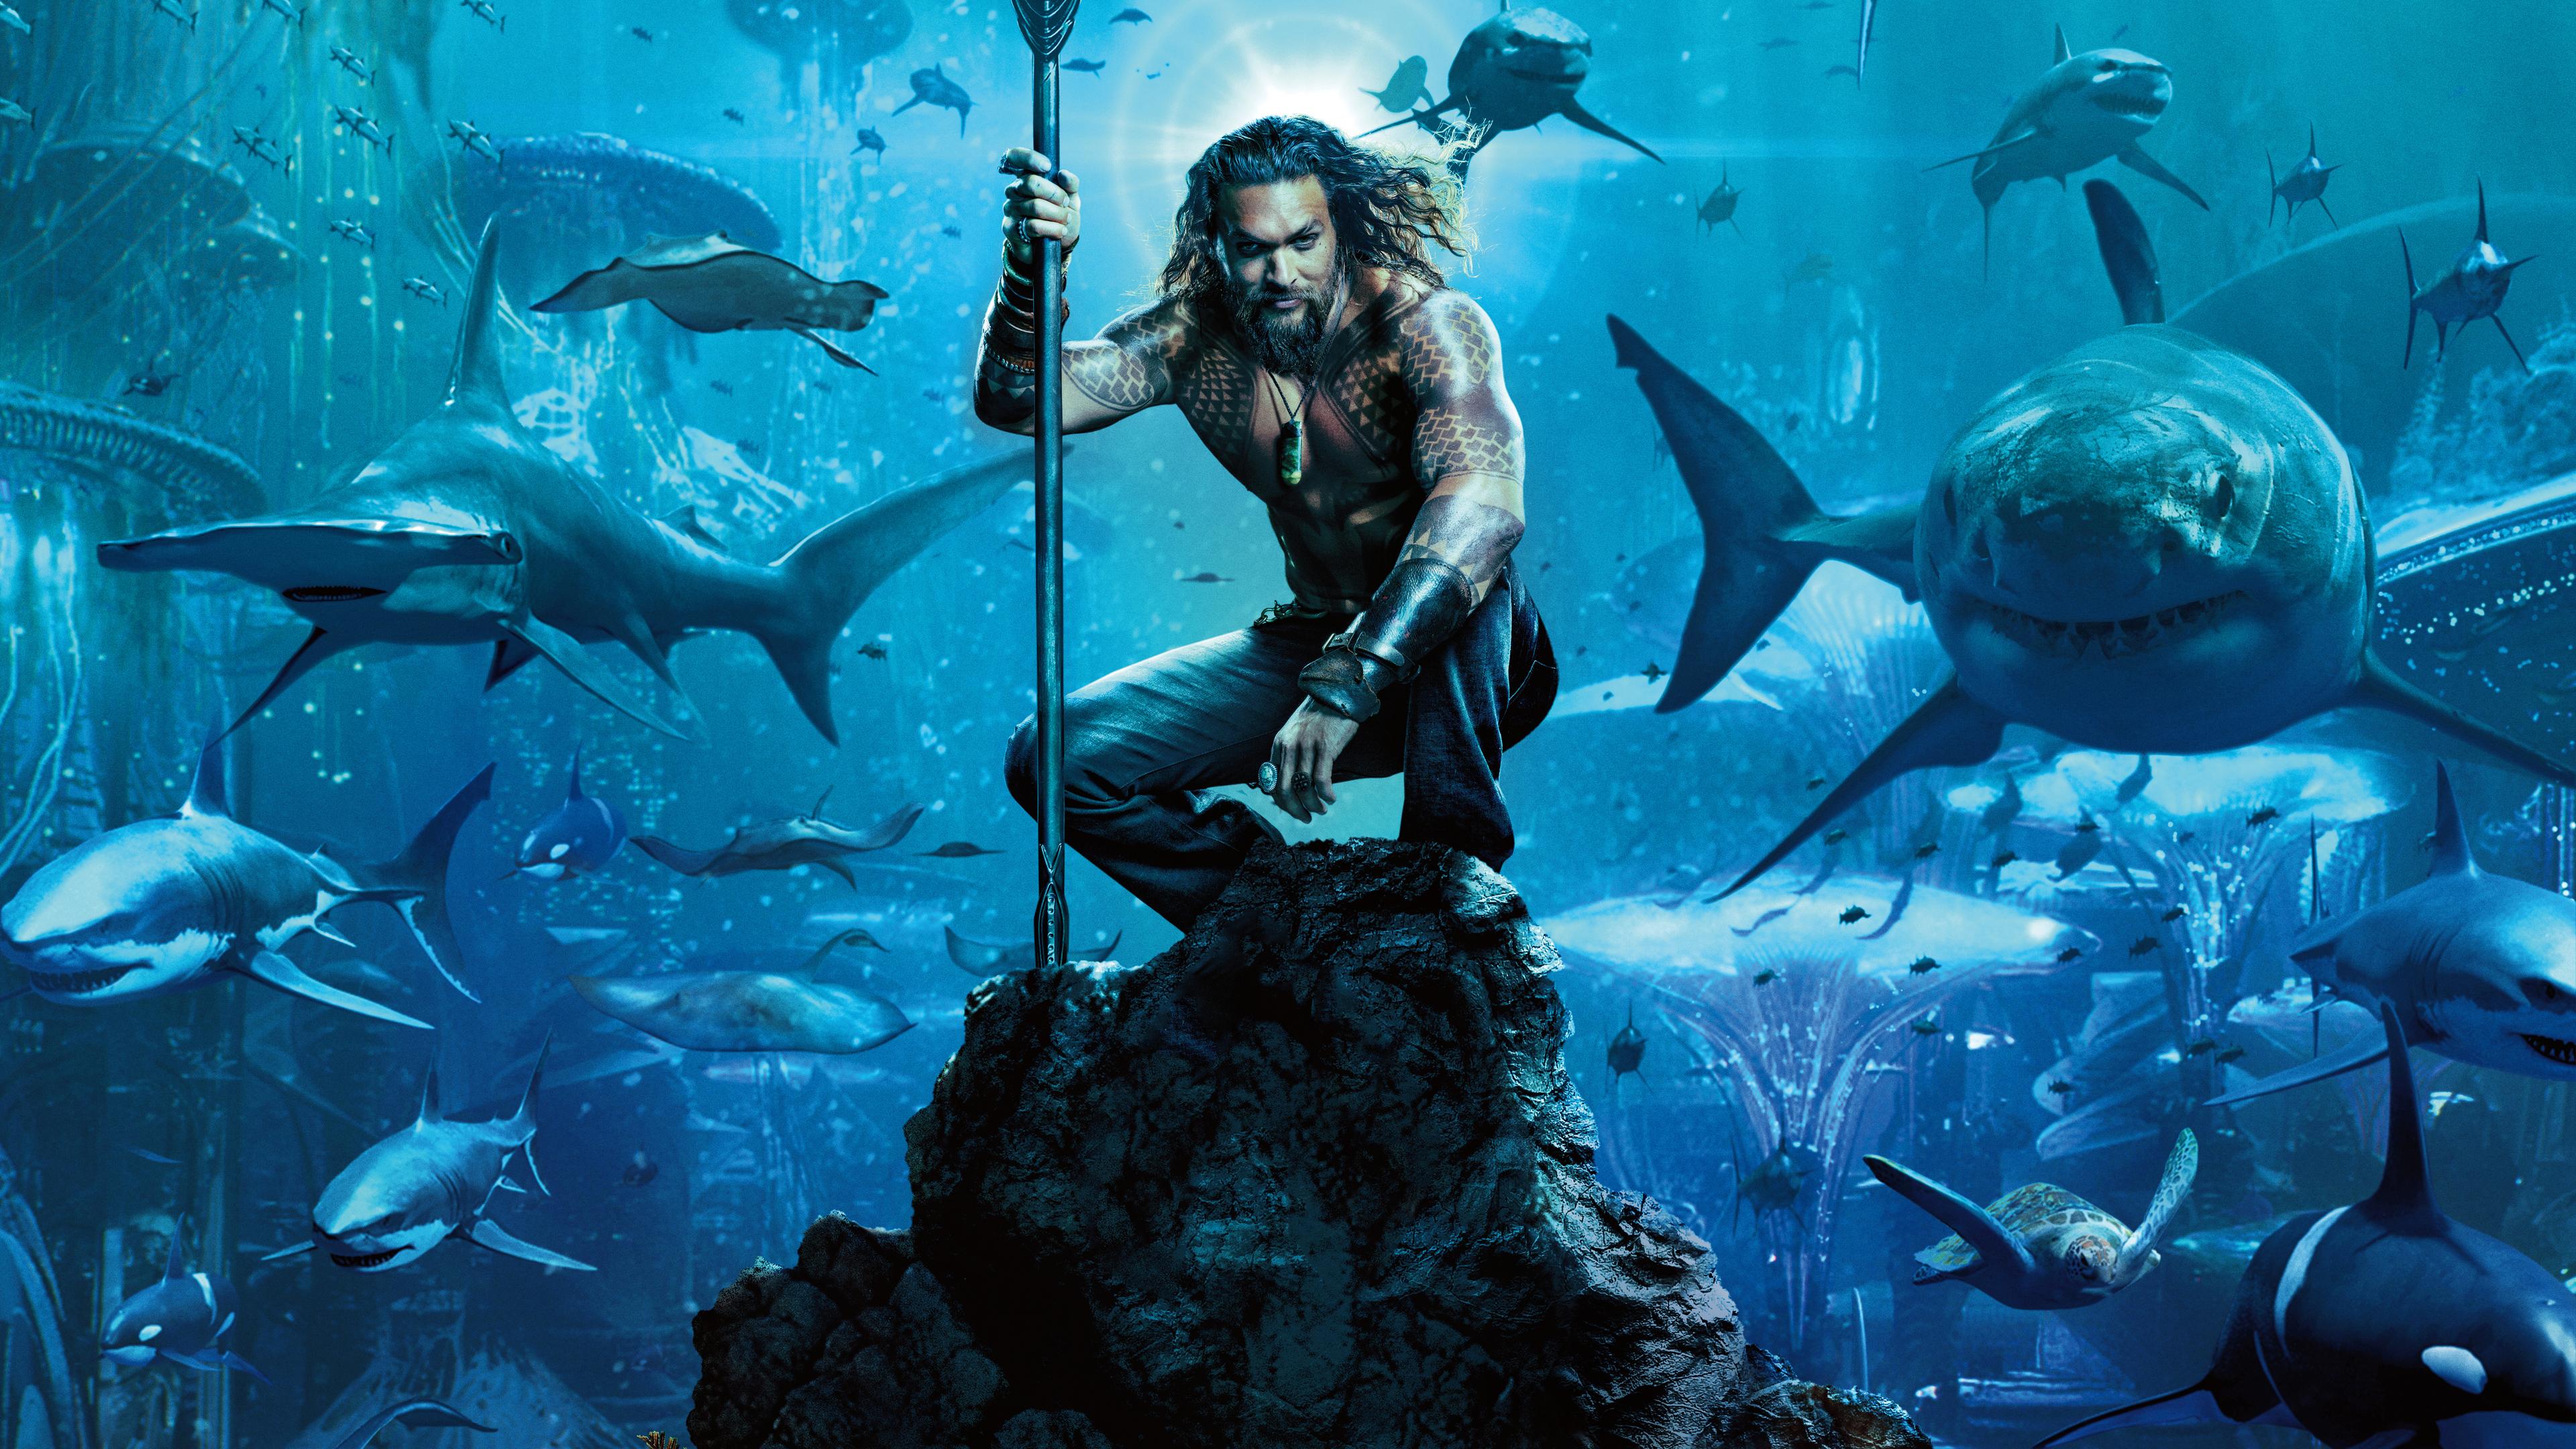 aquaman movie 4k 1541969689 - Aquaman Movie 4k - poster wallpapers, movies wallpapers, jason momoa wallpapers, hd-wallpapers, aquaman wallpapers, aquaman movie wallpapers, 4k-wallpapers, 2018-movies-wallpapers